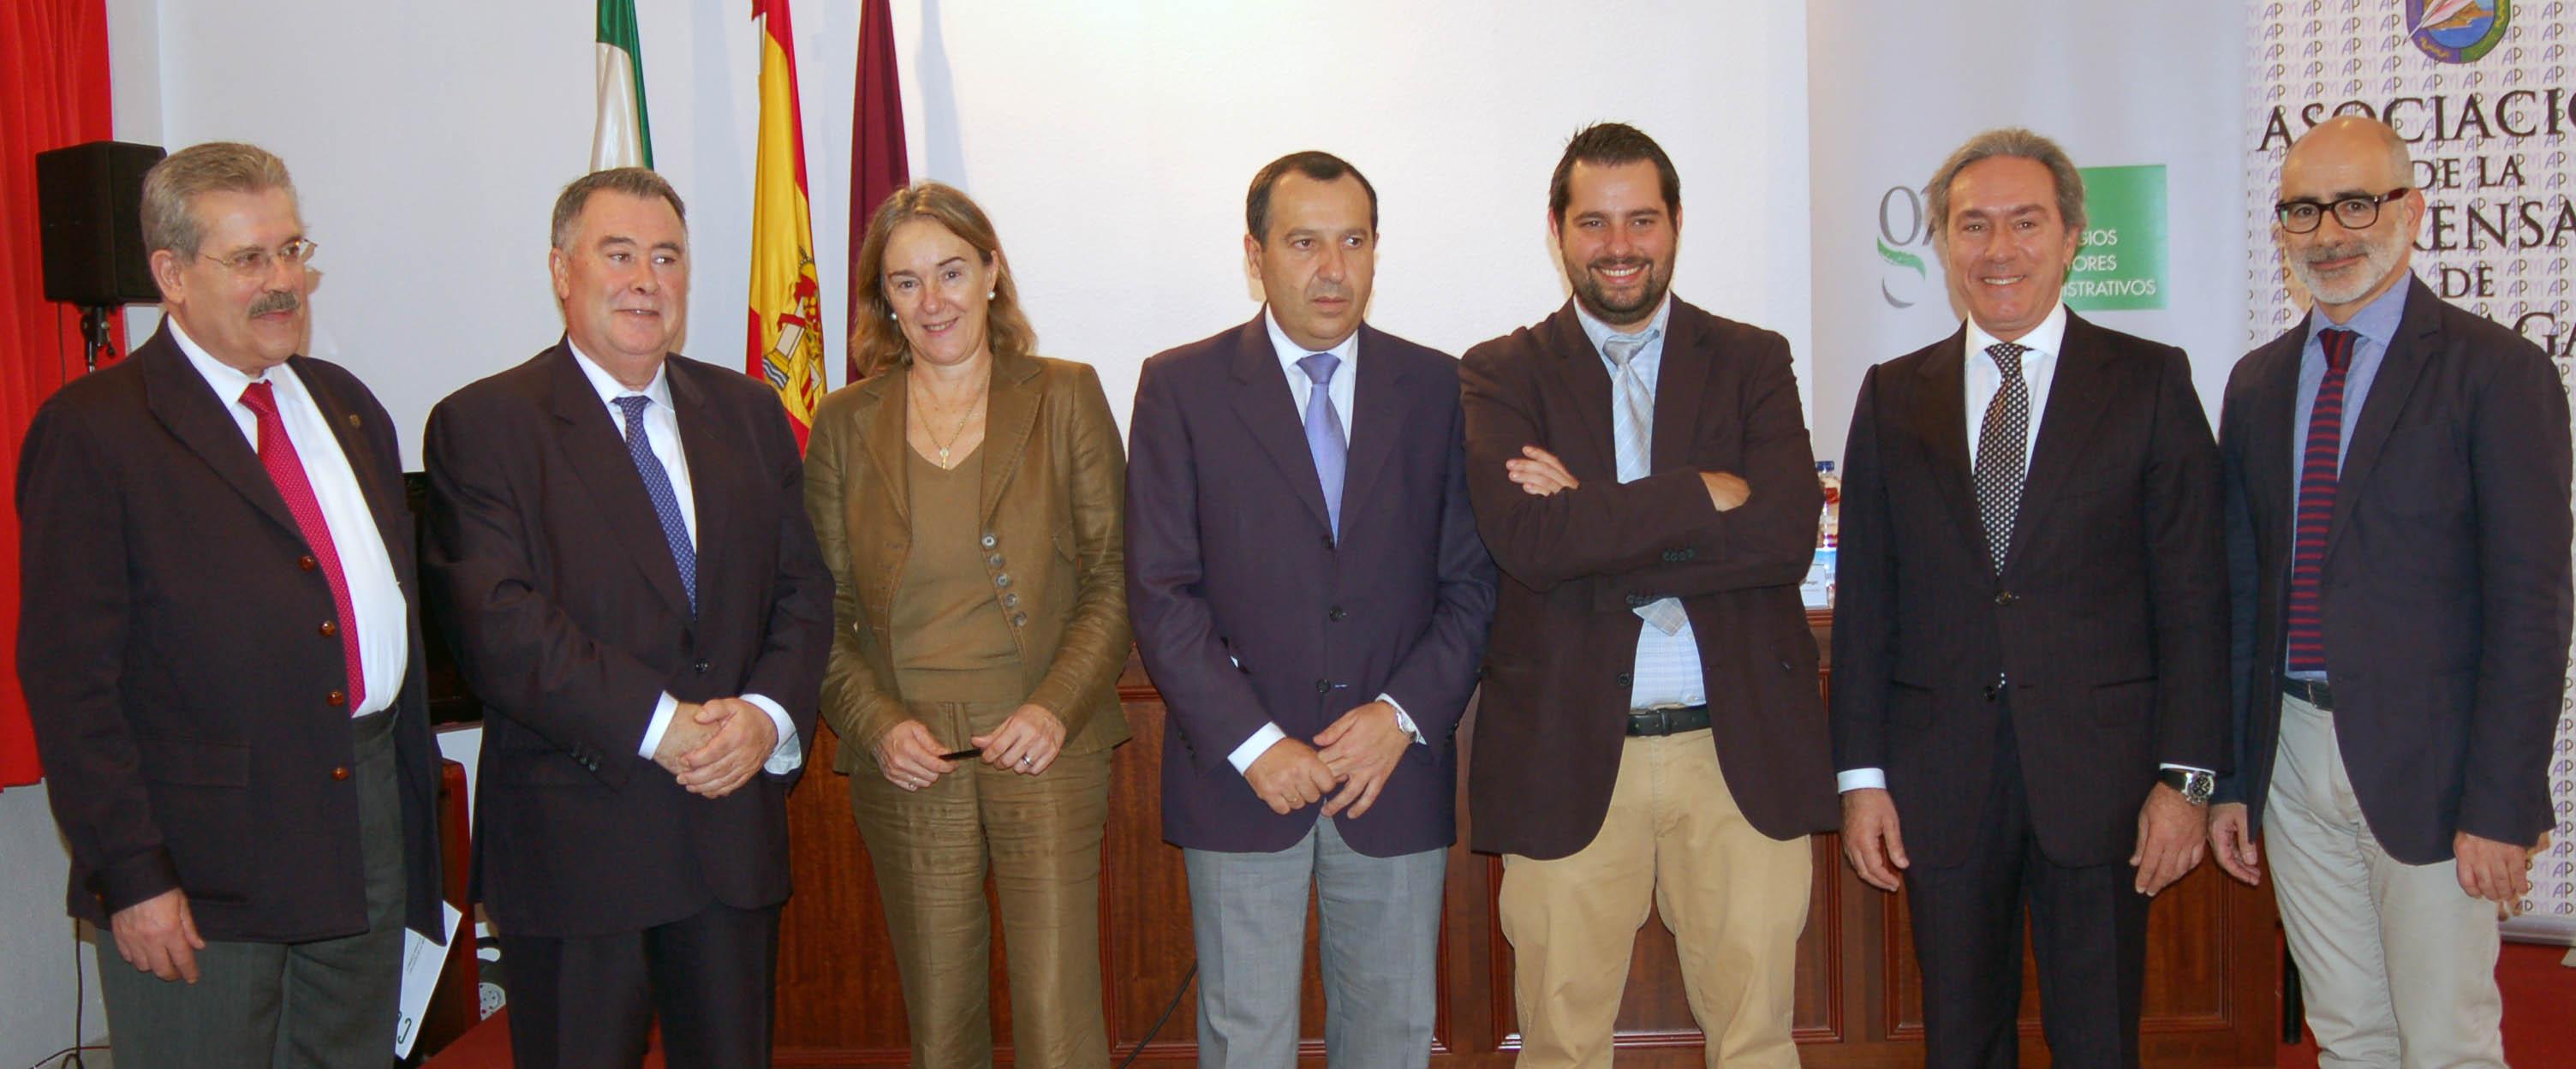 Jorge Alcántara, nuevo presidente del Consejo Andaluz | Gestores Málaga